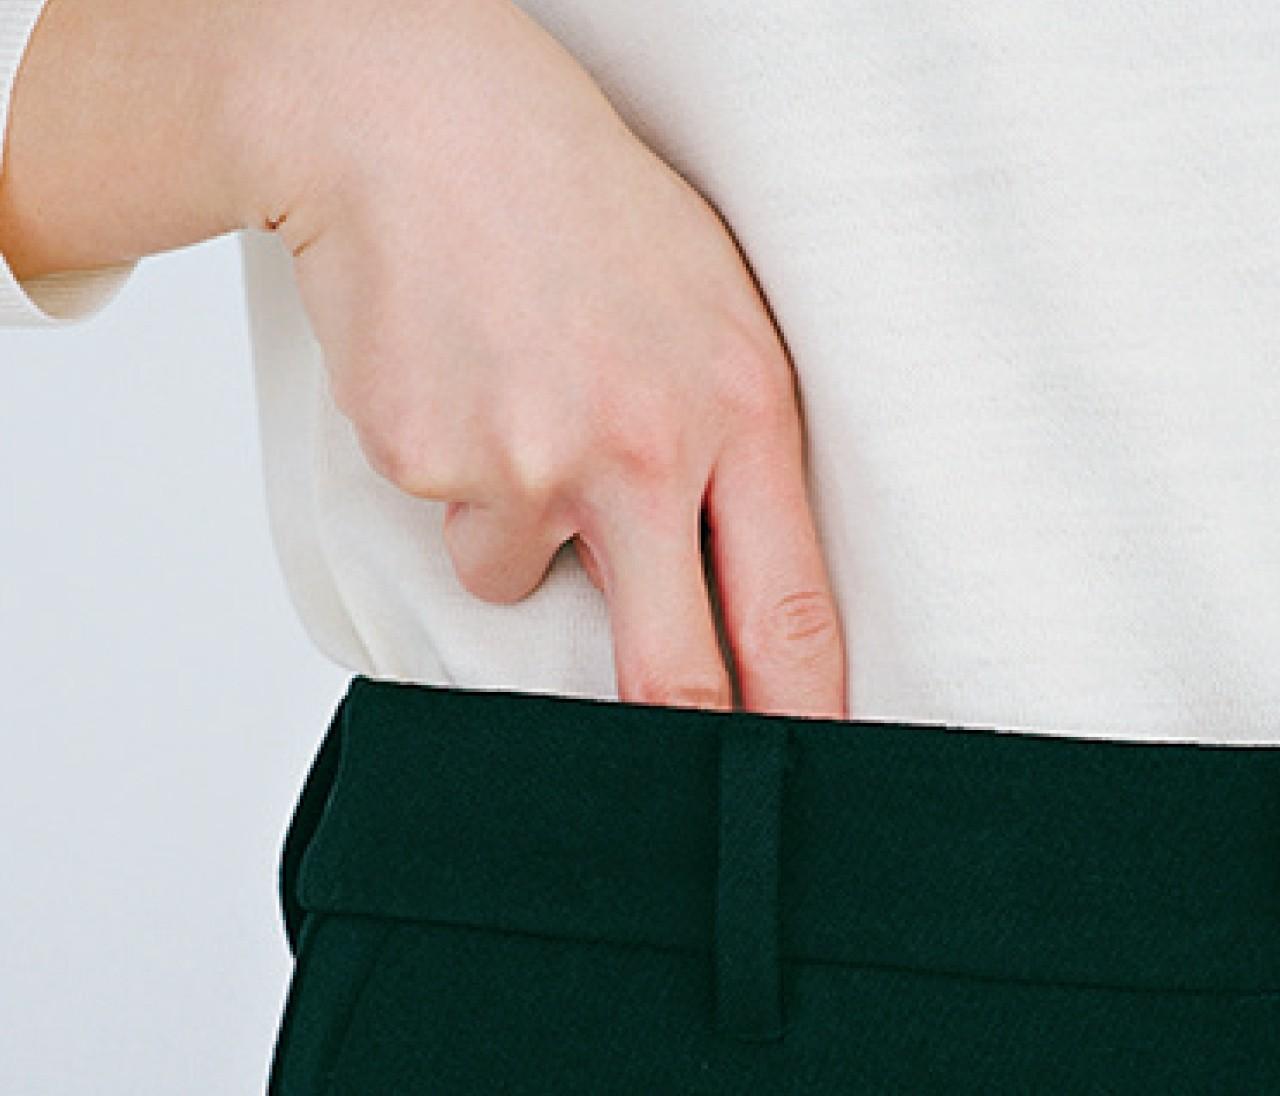 【整形級パンツ】試着室でチェックするべき5つのポイント